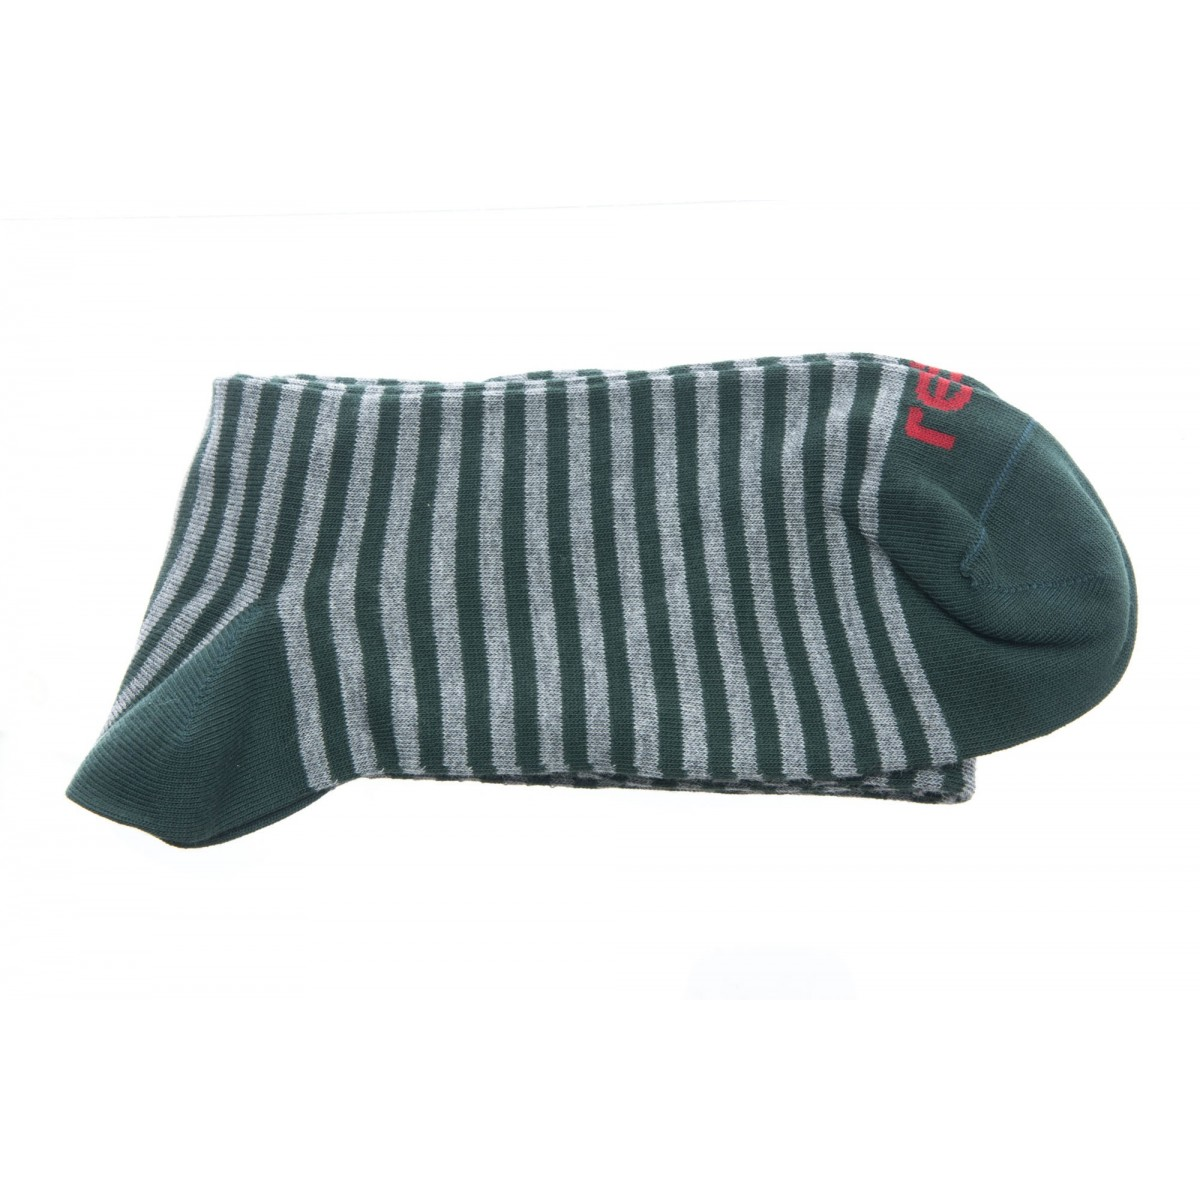 Calza - 62312g calza rigata